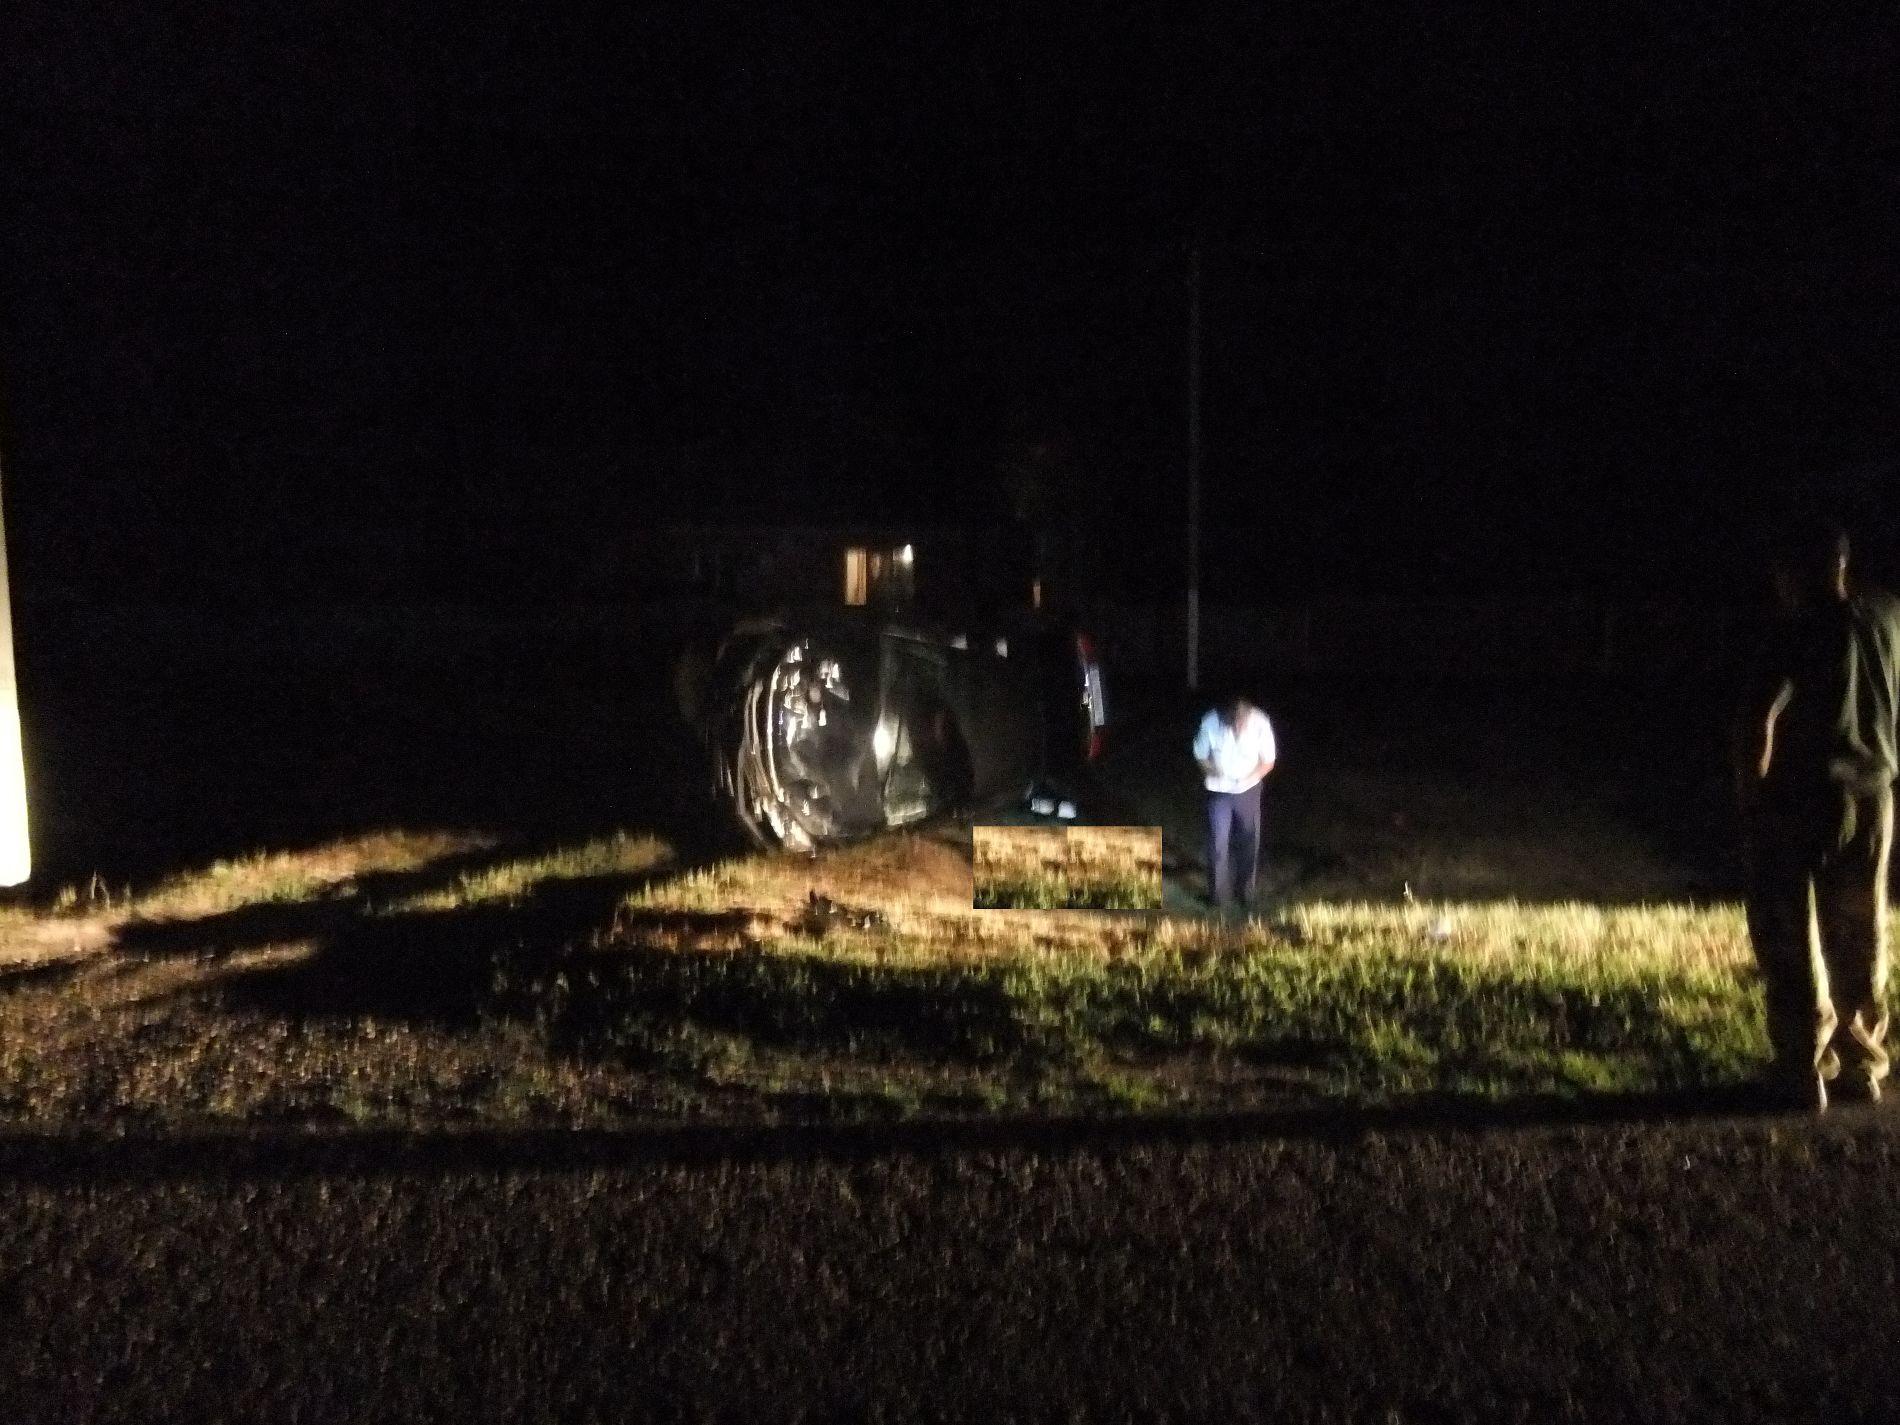 ВСтароминском районе иностранная машина вылетела сдороги иперевернулась, шофёр умер